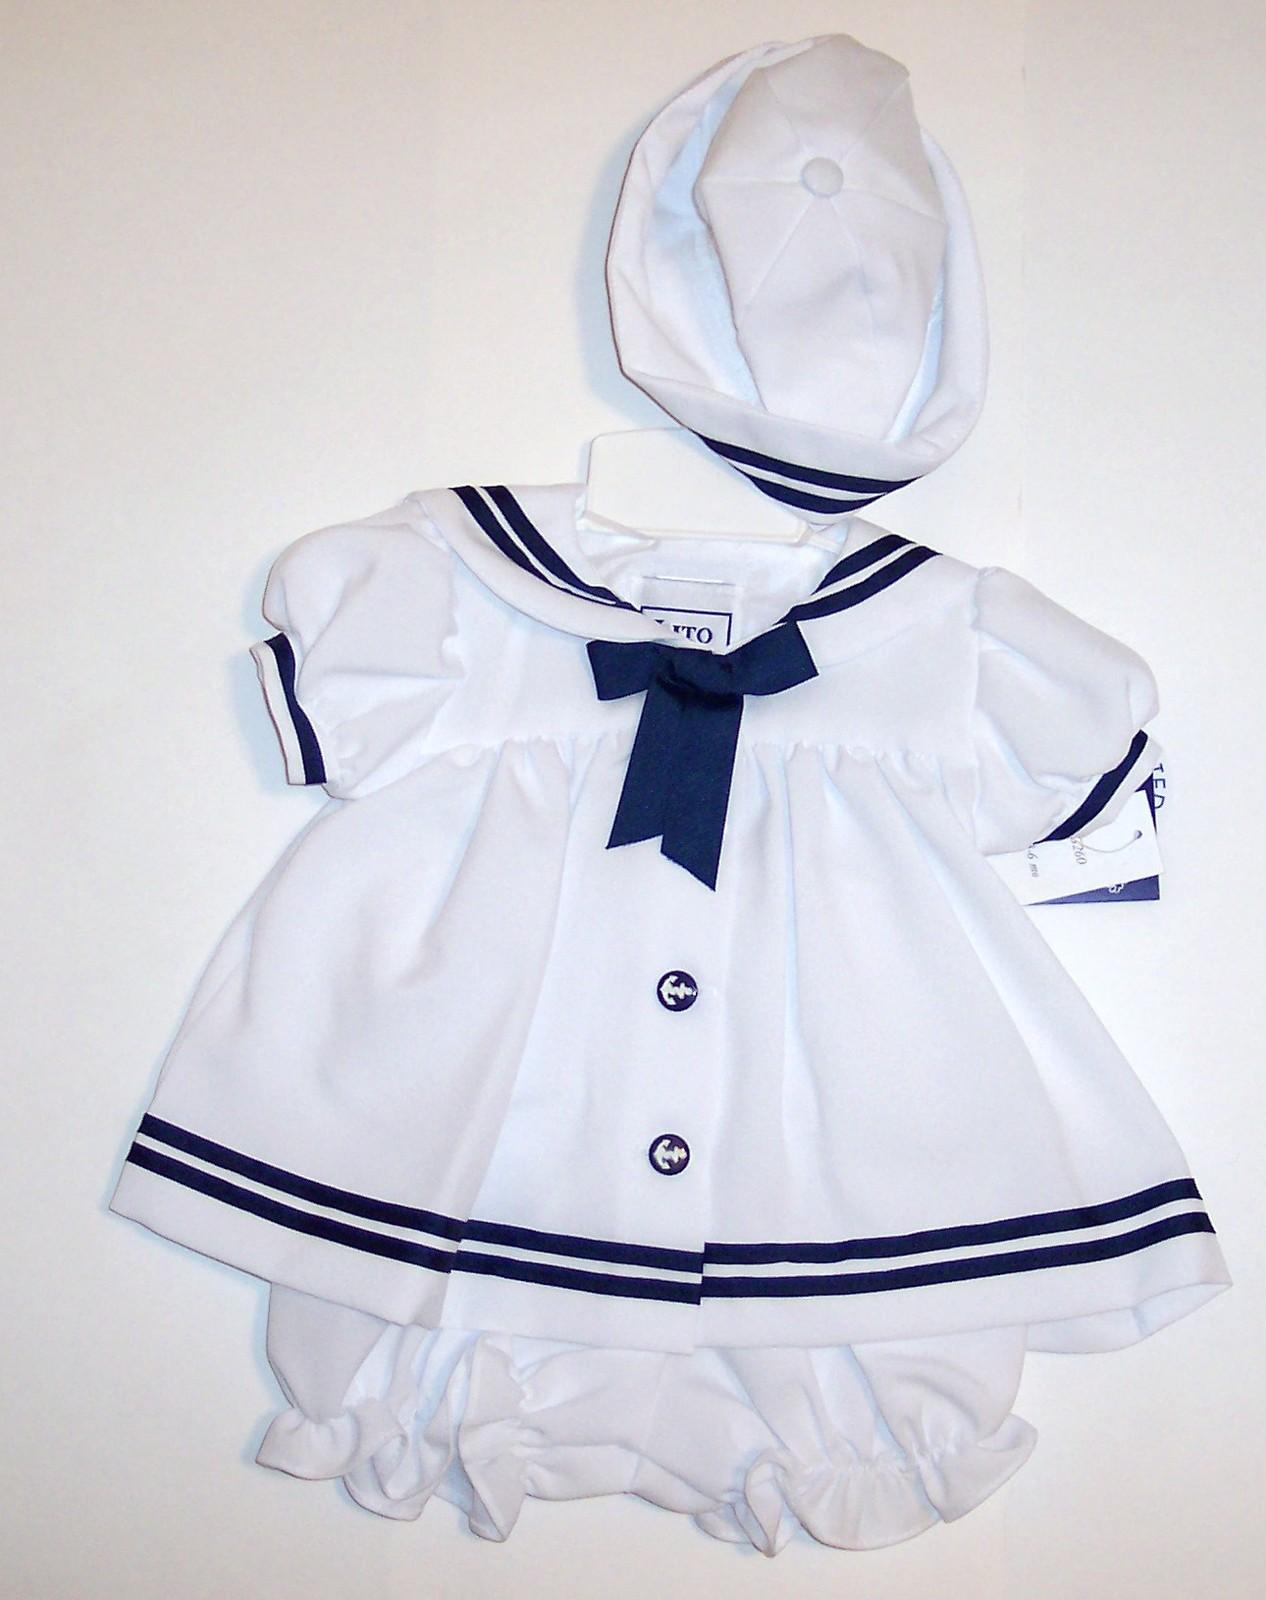 LITO Girls White Sailors Dress (3 PC) 3-6 M